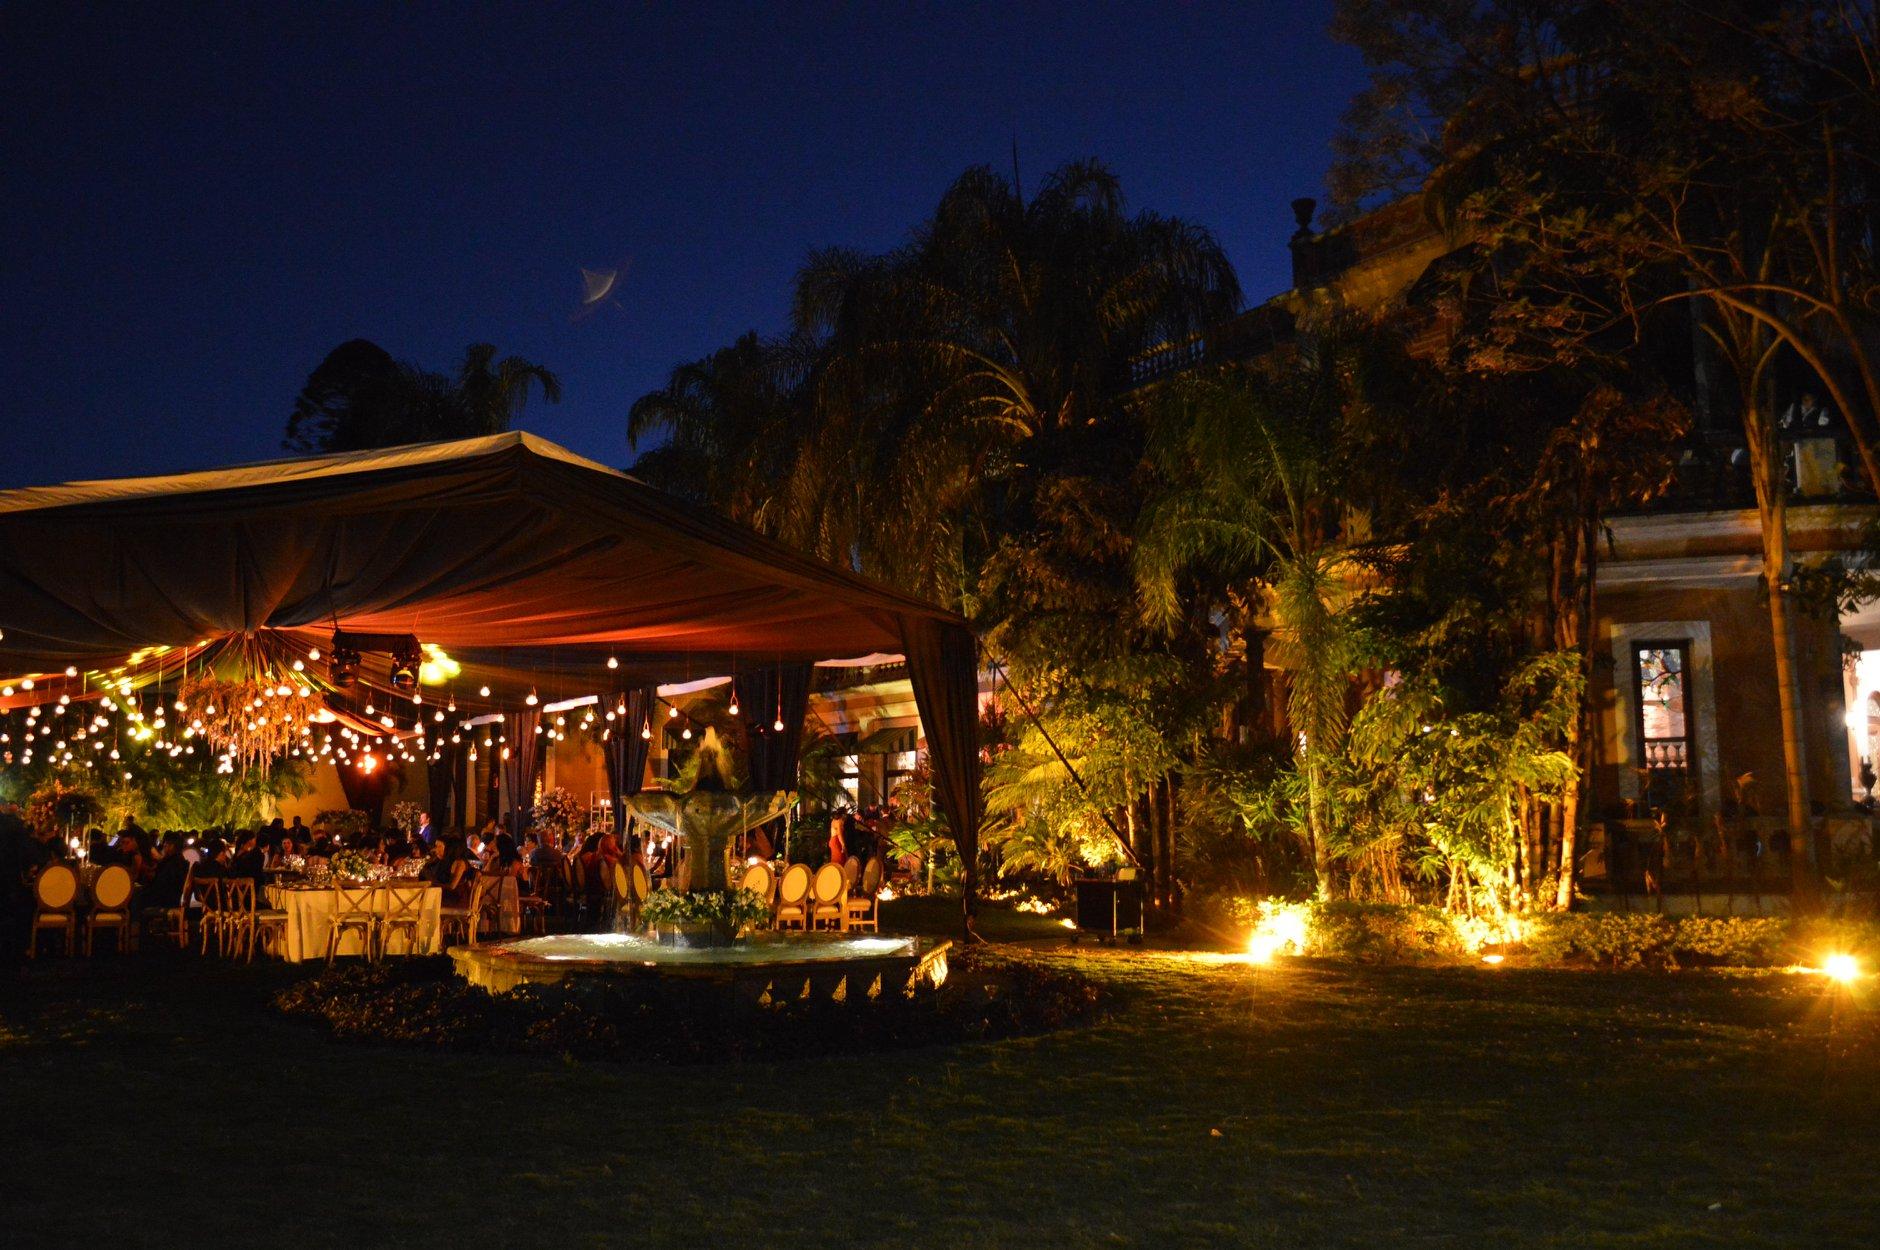 Imagen 1 del espacio Casa de los Abanicos en Guadalajara, México